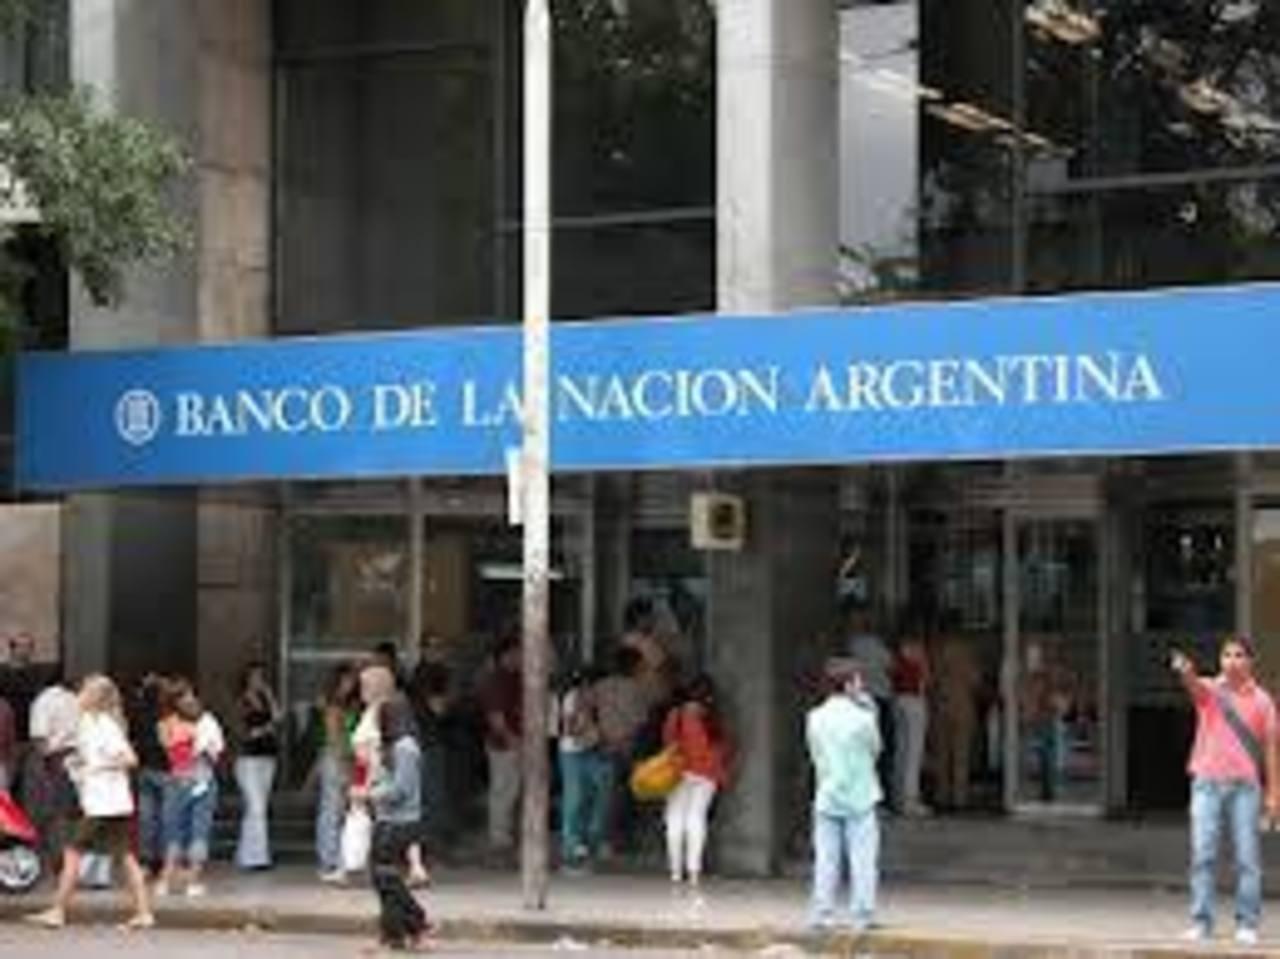 Bajas reservas internacionales, inflación cerca de 30% y una devaluación monetaria que supera el 20% afecta la economía argentina. Latinoamérica padece de iliquidez y el mayor banco central del mundo, la FED, restringe los fondos.